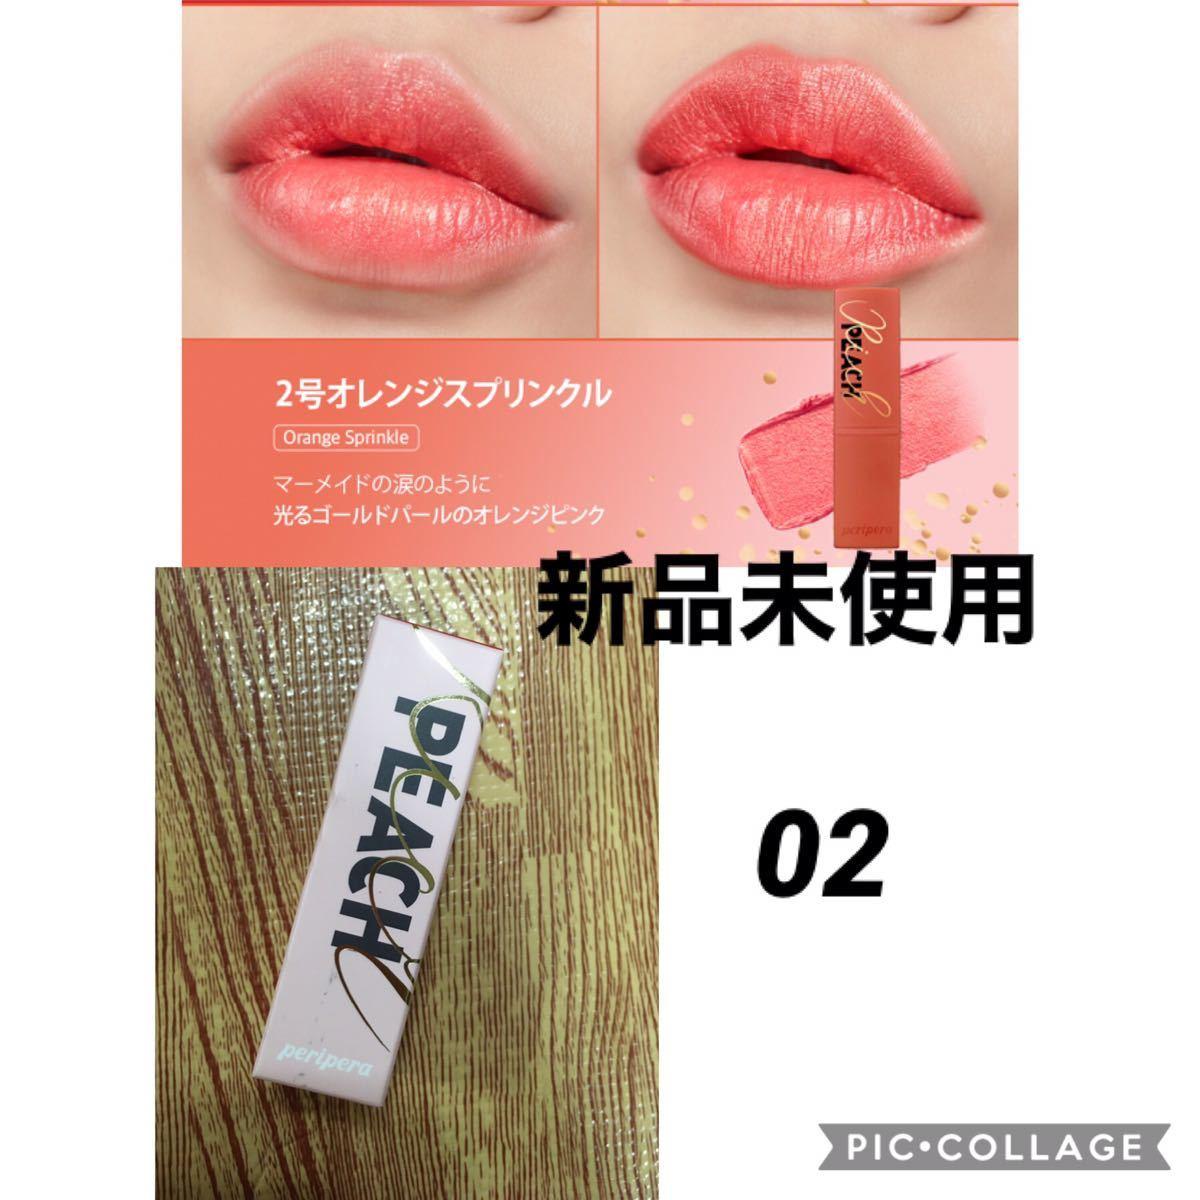 ペリペラ リップスティック 韓国コスメ 口紅